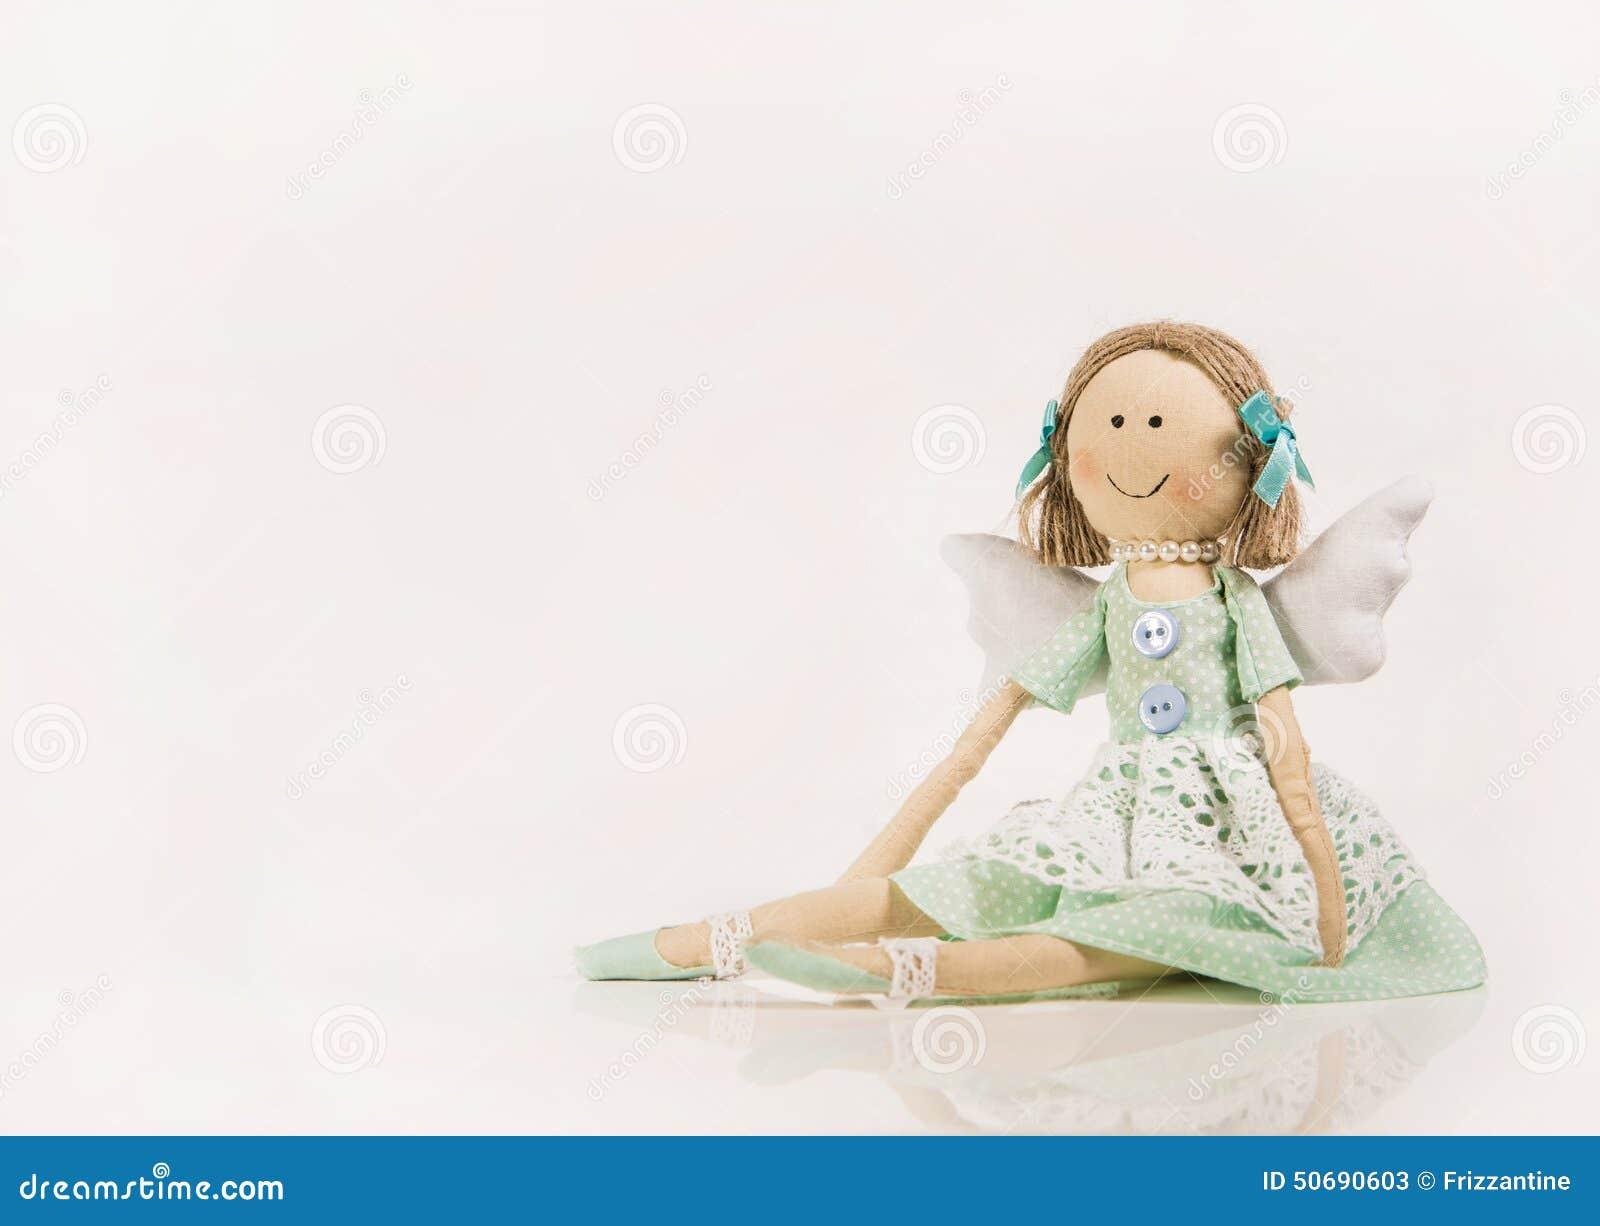 Download 被隔绝的玩偶或木偶喜欢守护天使 库存图片. 图片 包括有 木偶, 空白, 粉红色, 工艺品, 查出, 修补破铜铁者 - 50690603